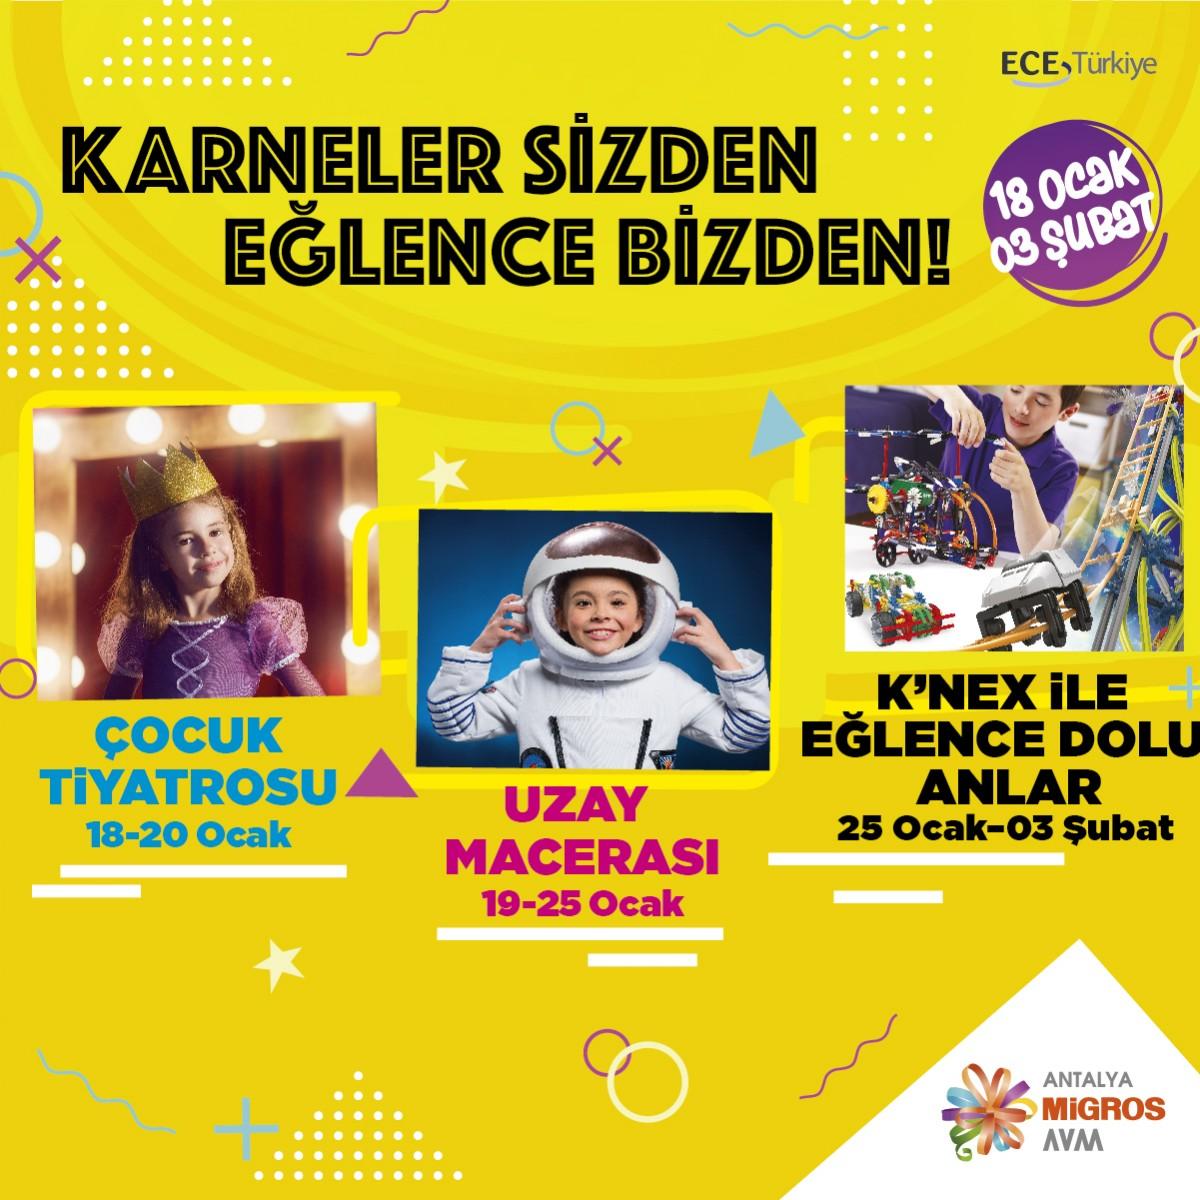 Karneler sizden eğlence bizden! 18 Ocak - 03 Şubat tarihleri arası ister Çocuk Tiyatrosu, ister Uzay Macerası, ister K'Nex ile Eğlence Dolu Anlar! #SömestrTatili programınız #AntalyaMigros AVM'de!